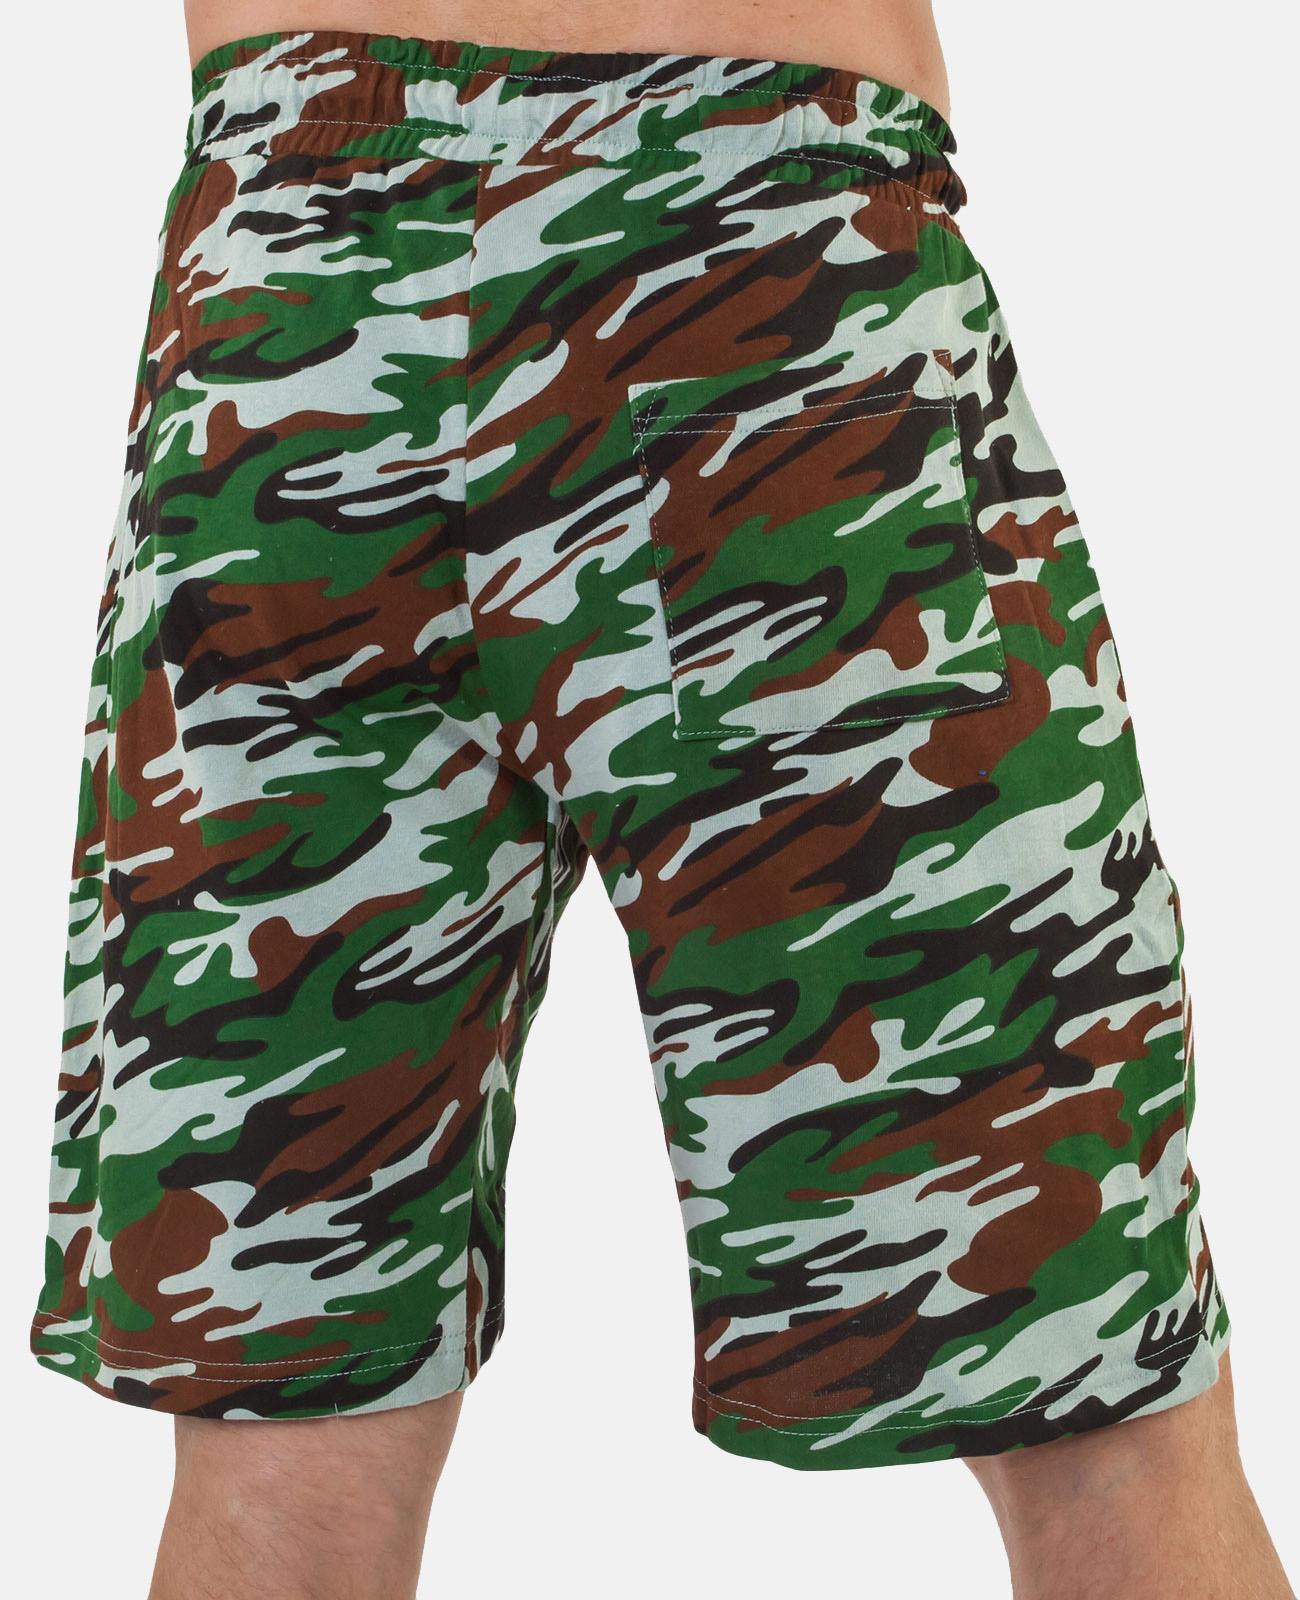 Камуфляжные армейские шорты с нашивкой Флот России - заказать в подарок